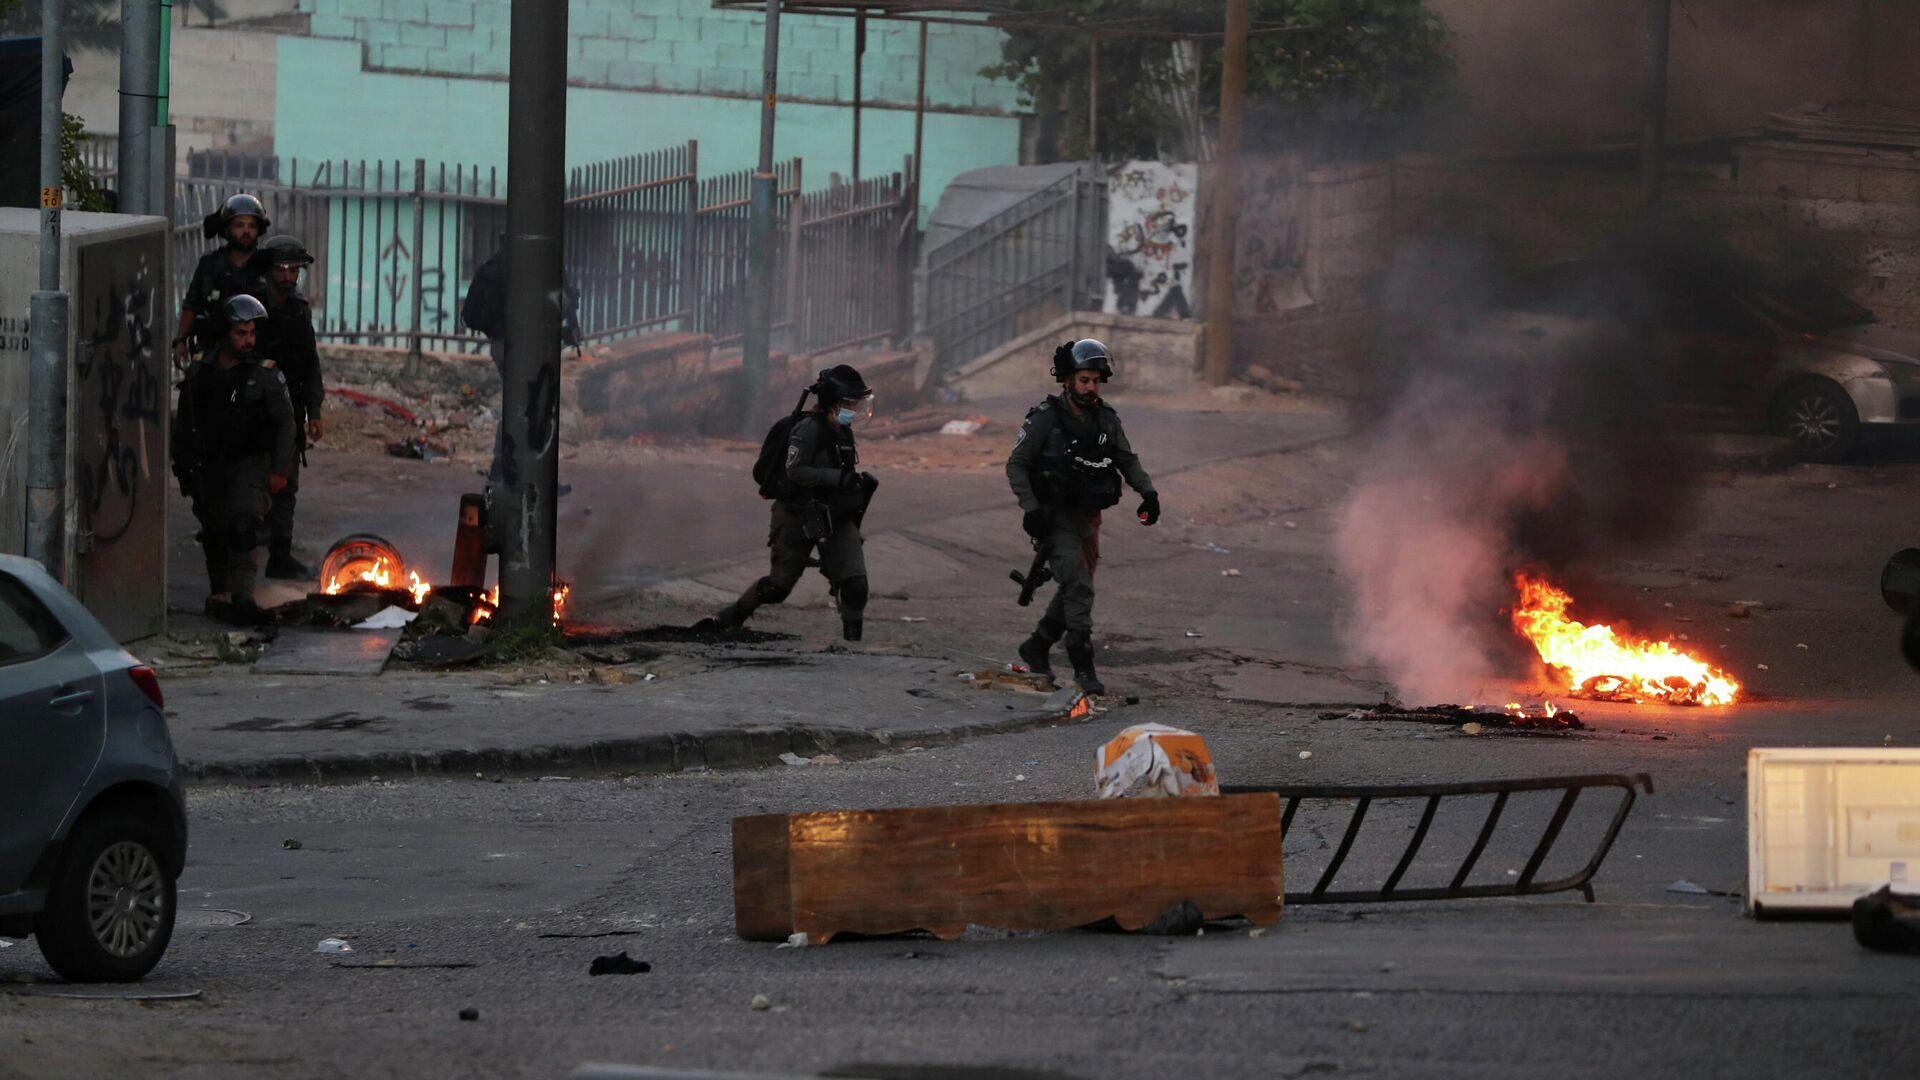 ХАМАС перечислил требования для прекращения эскалации с Израилем